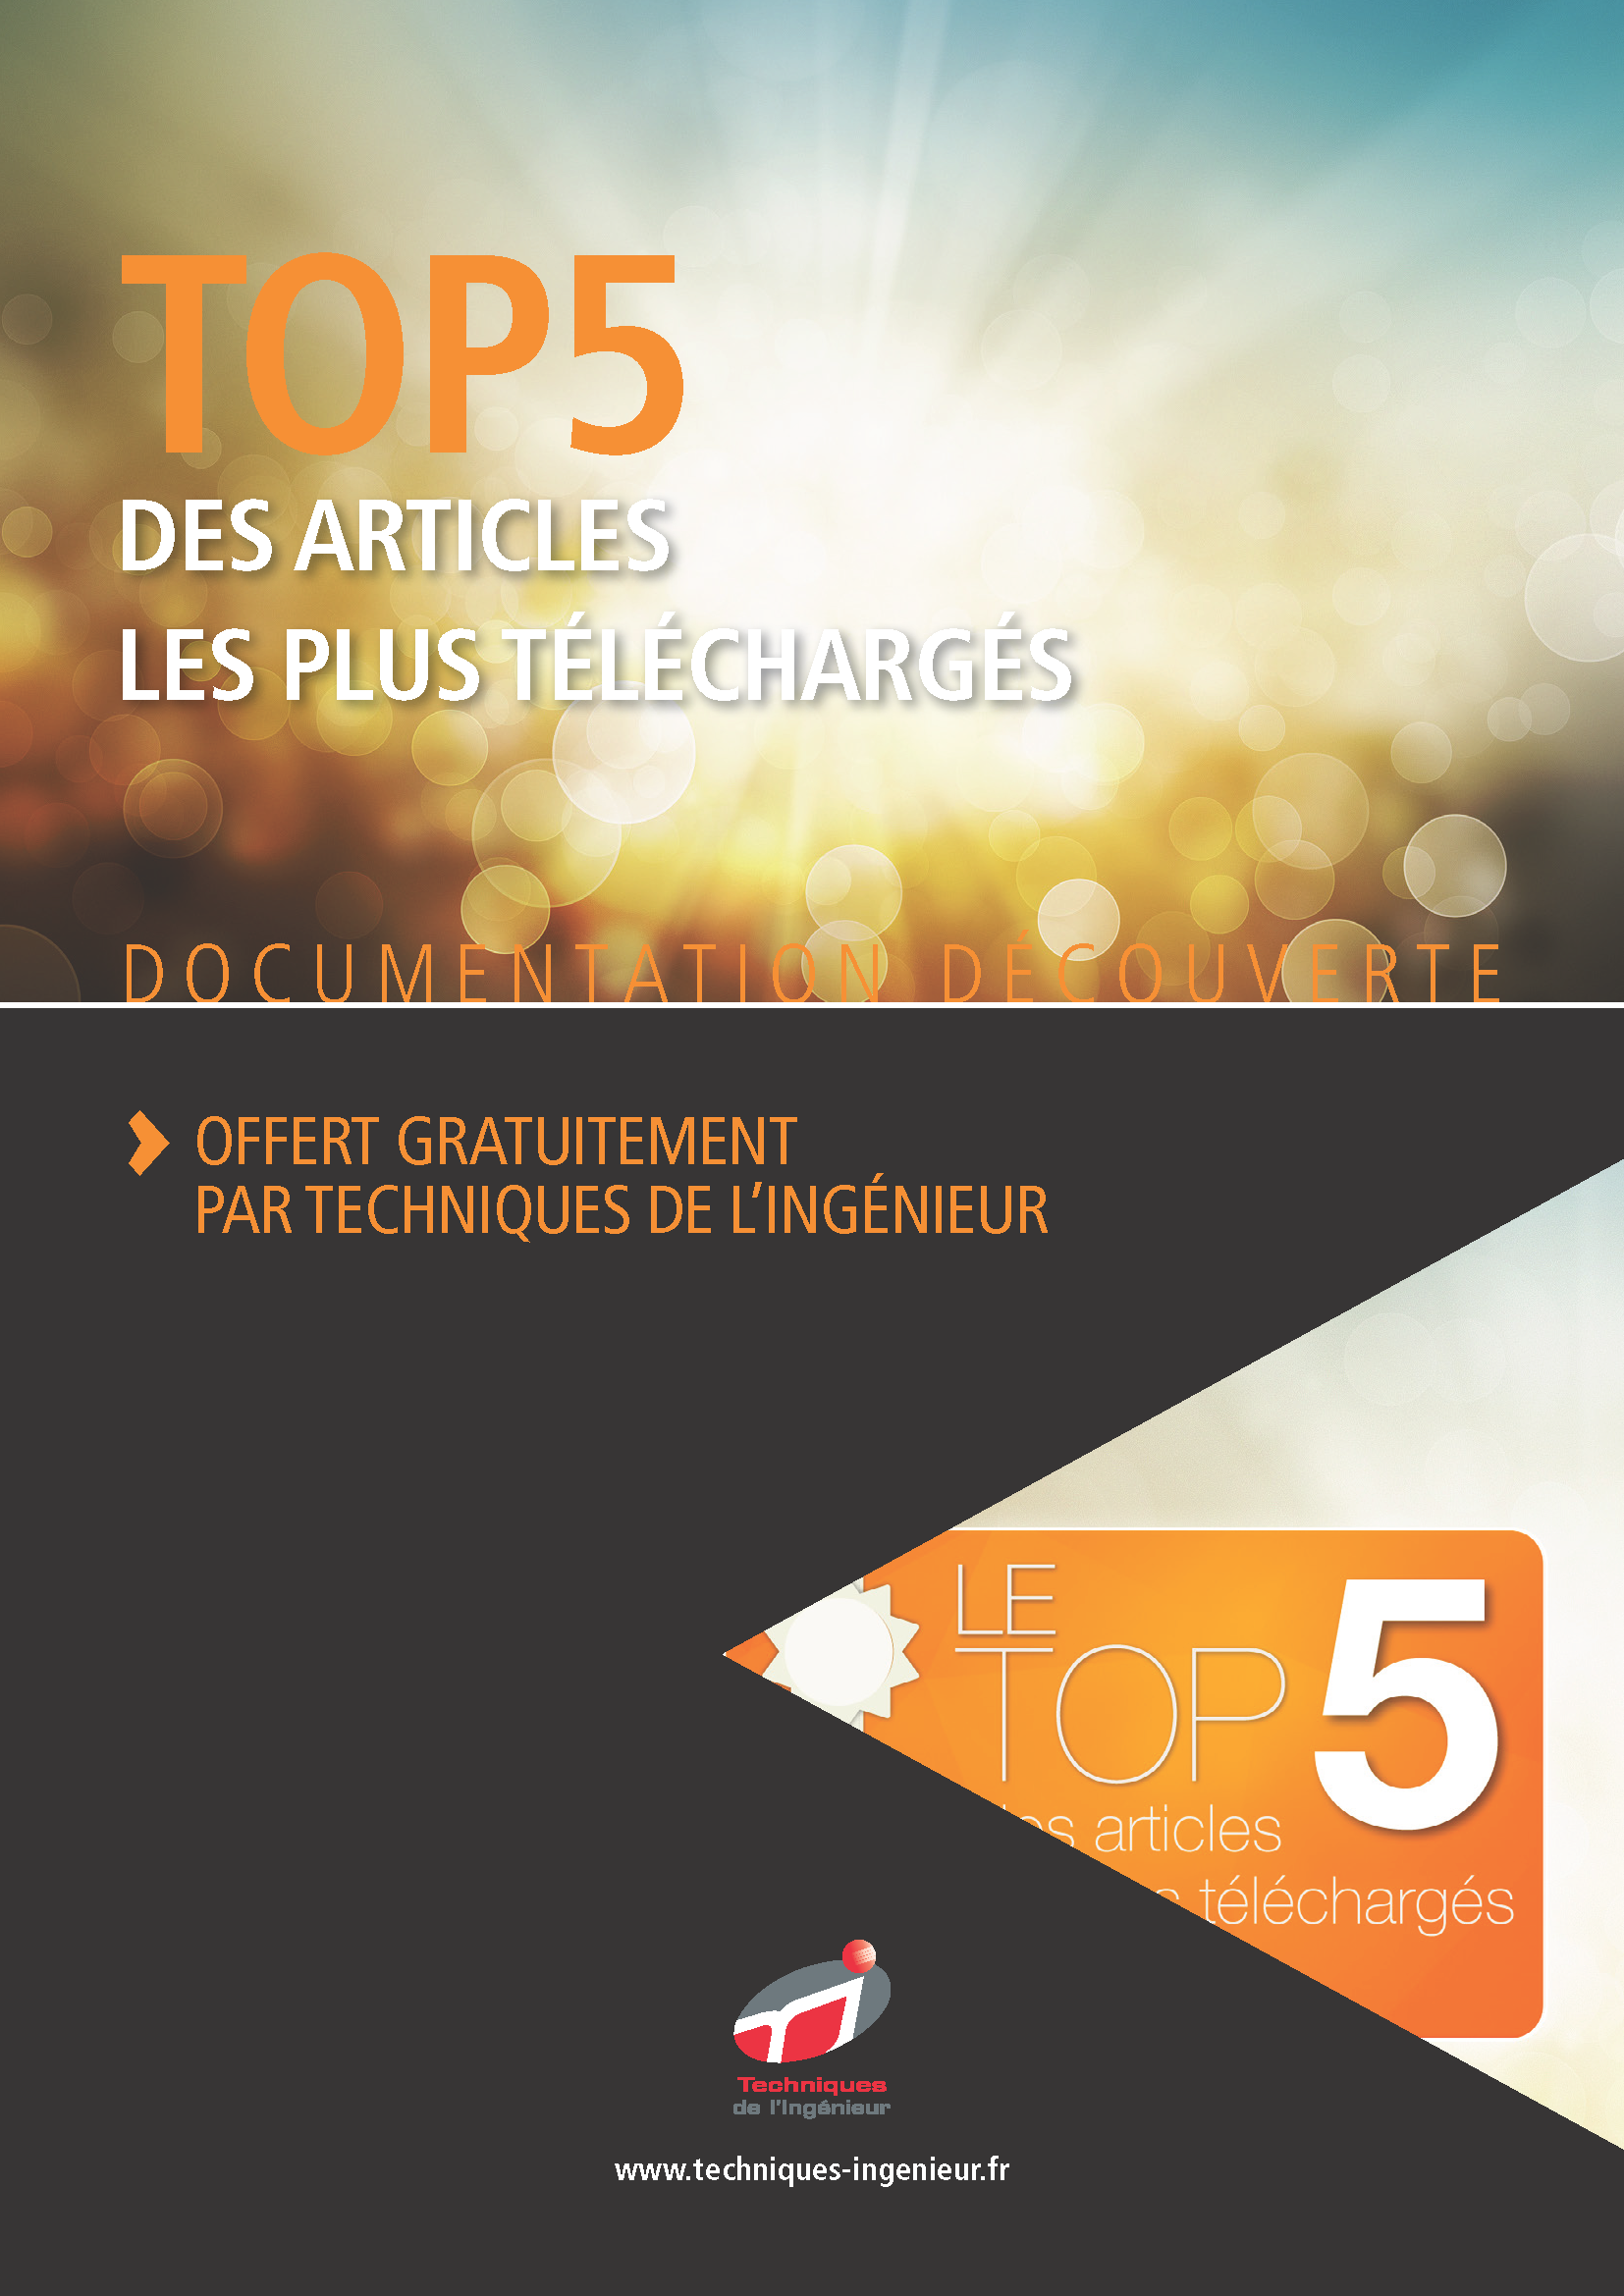 top5 articles ETI